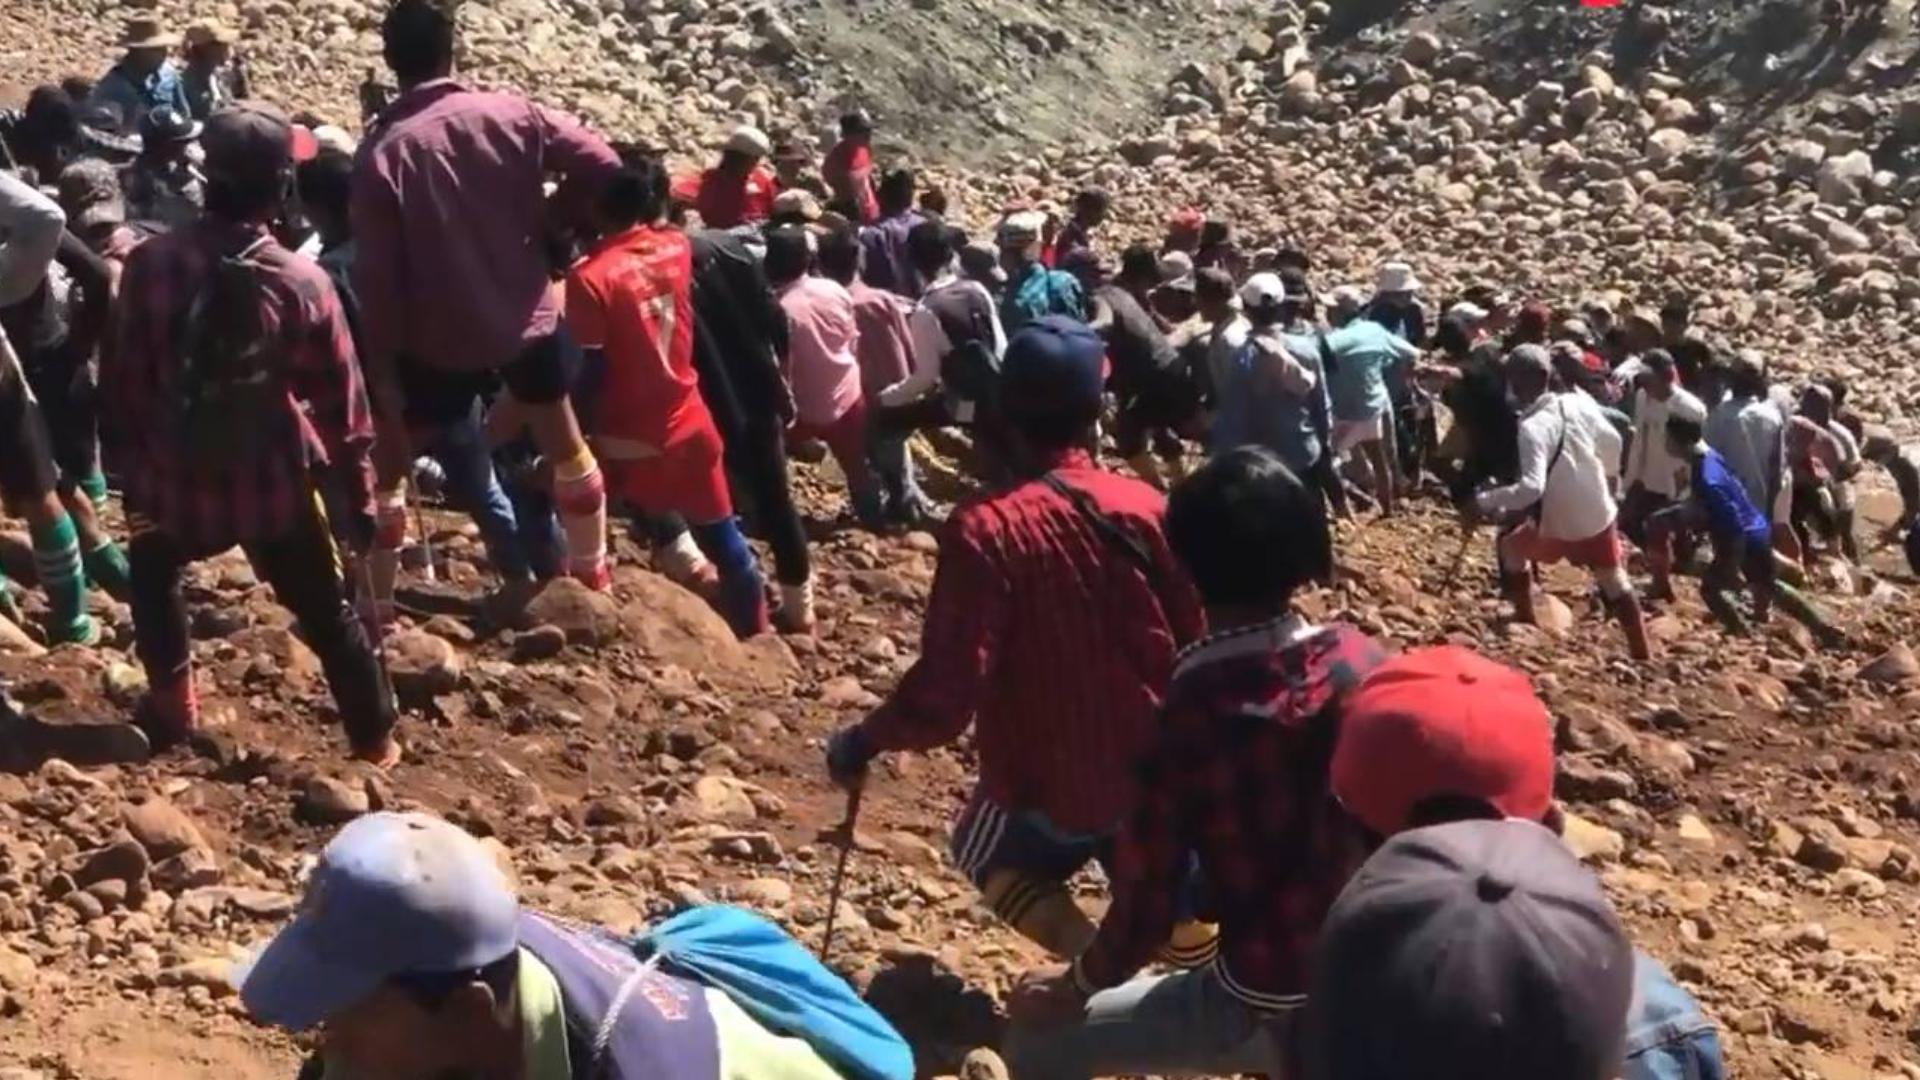 缅甸会卡翡翠矿区实况:出事了!挖玉的矿民被砸,保佑无事!